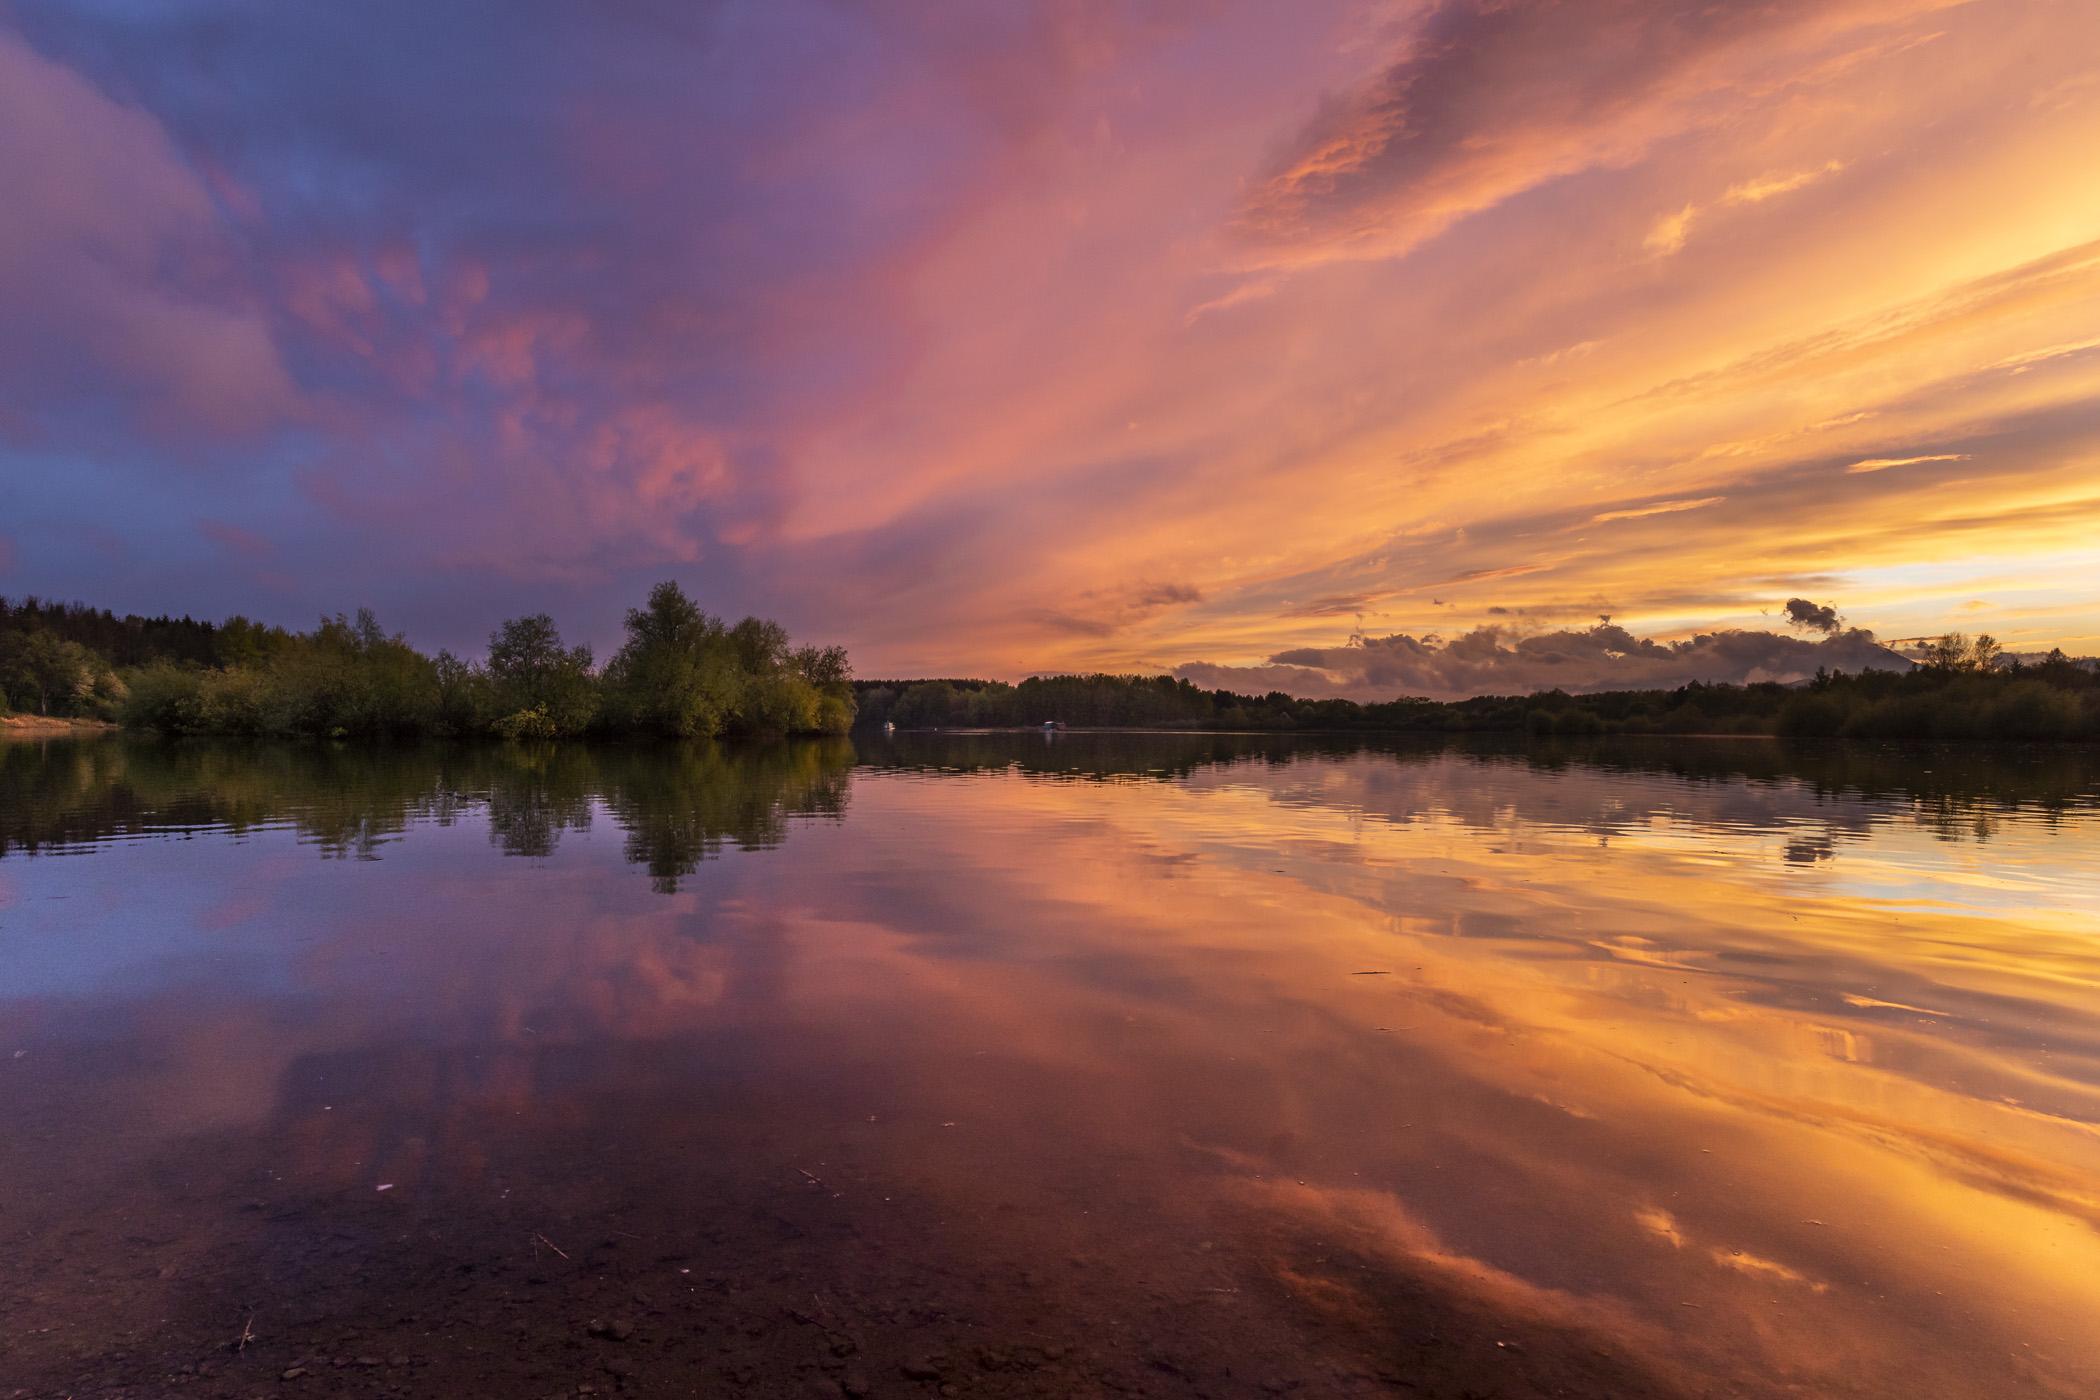 Tramonto riflesso sul lago...